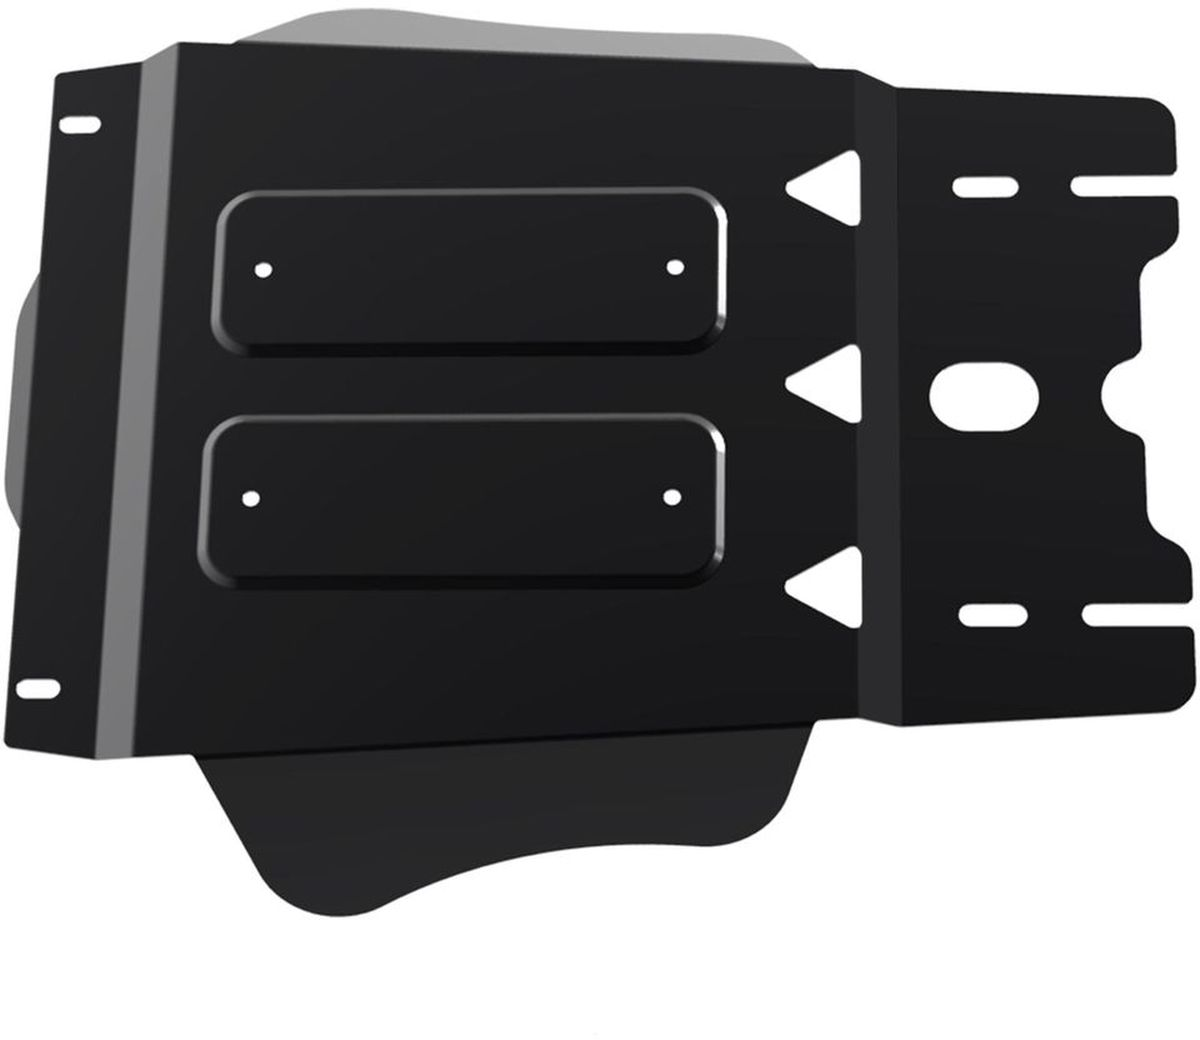 Защита КПП Автоброня Mitsubishi L200 2015-, сталь 2 мм111.04042.1Защита КПП Автоброня Mitsubishi L200 4WD, V - 2,4DID; 2,4DID H.P. 2015-, сталь 2 мм, комплект крепежа, 111.04042.1Стальные защиты Автоброня надежно защищают ваш автомобиль от повреждений при наезде на бордюры, выступающие канализационные люки, кромки поврежденного асфальта или при ремонте дорог, не говоря уже о загородных дорогах.- Имеют оптимальное соотношение цена-качество.- Спроектированы с учетом особенностей автомобиля, что делает установку удобной.- Защита устанавливается в штатные места кузова автомобиля.- Является надежной защитой для важных элементов на протяжении долгих лет.- Глубокий штамп дополнительно усиливает конструкцию защиты.- Подштамповка в местах крепления защищает крепеж от срезания.- Технологические отверстия там, где они необходимы для смены масла и слива воды, оборудованные заглушками, закрепленными на защите.Толщина стали 2 мм.В комплекте крепеж и инструкция по установке.Уважаемые клиенты!Обращаем ваше внимание на тот факт, что защита имеет форму, соответствующую модели данного автомобиля. Наличие глубокого штампа и лючков для смены фильтров/масла предусмотрено не на всех защитах. Фото служит для визуального восприятия товара.